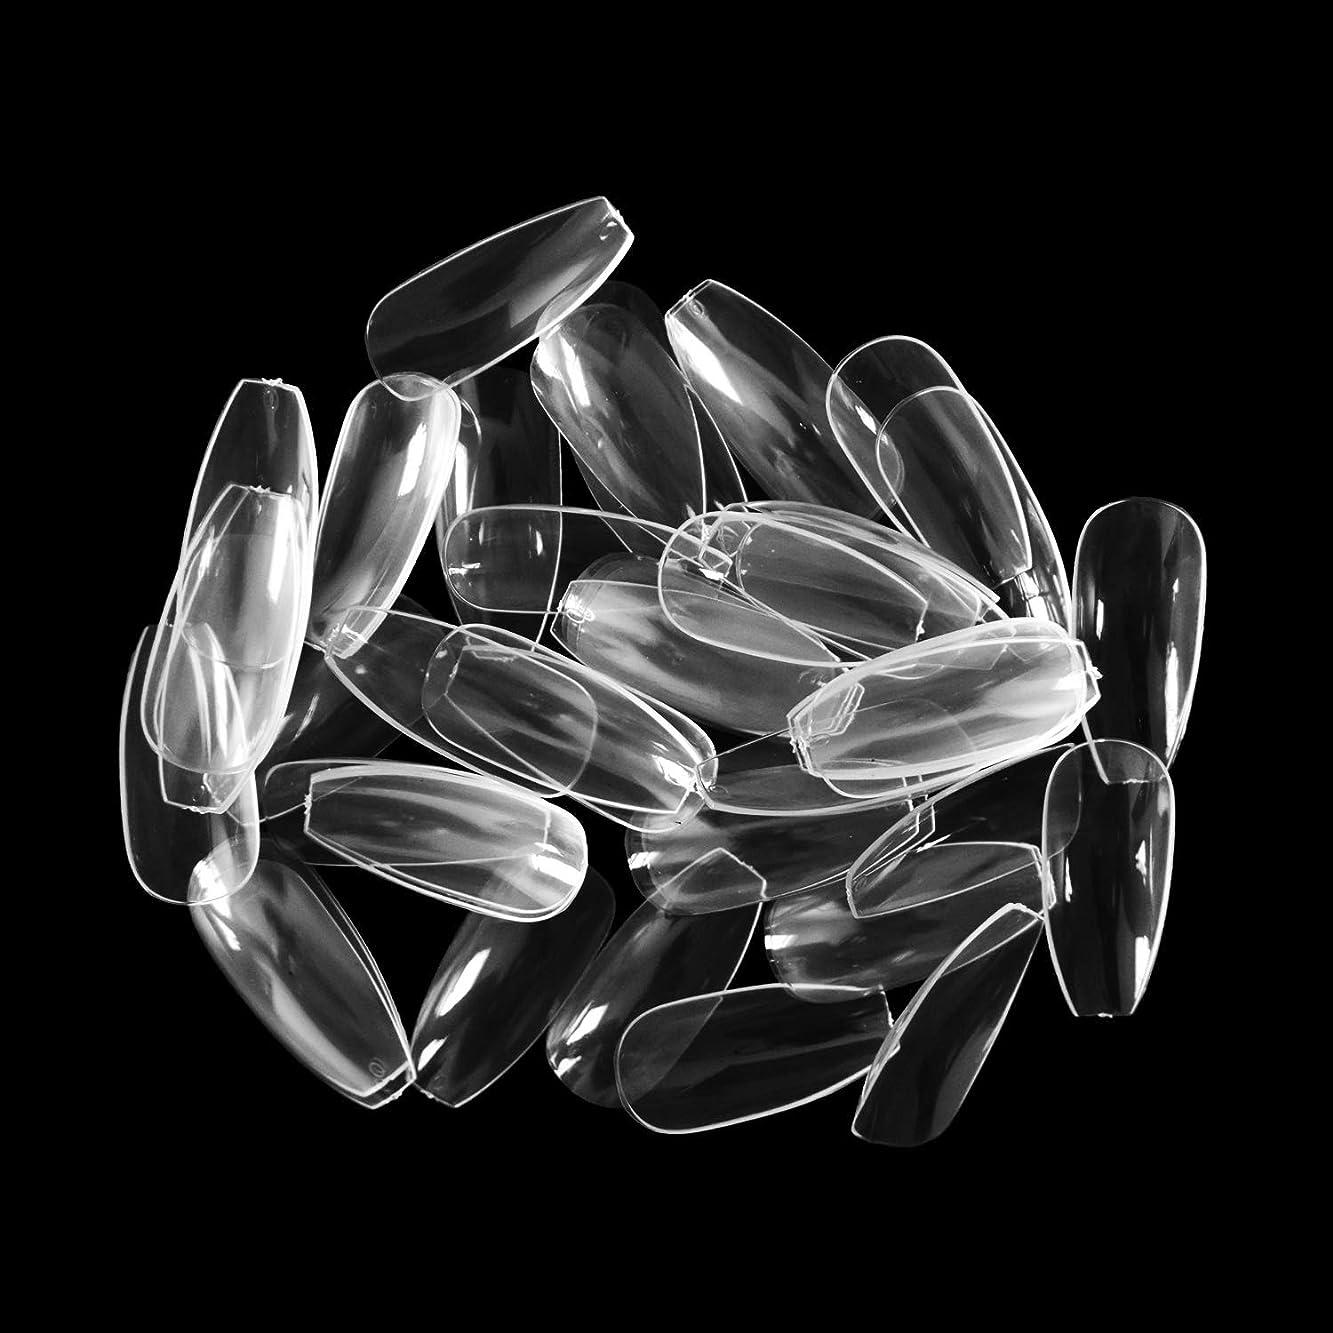 千レンジレビュアーネイルチップ Missct つけ爪 無地 ロング スクエア型 600枚入れ 10サイズ 爪にピッタリ 付け爪 練習用 透明 ネイル用品 デコレーション ネイルアート